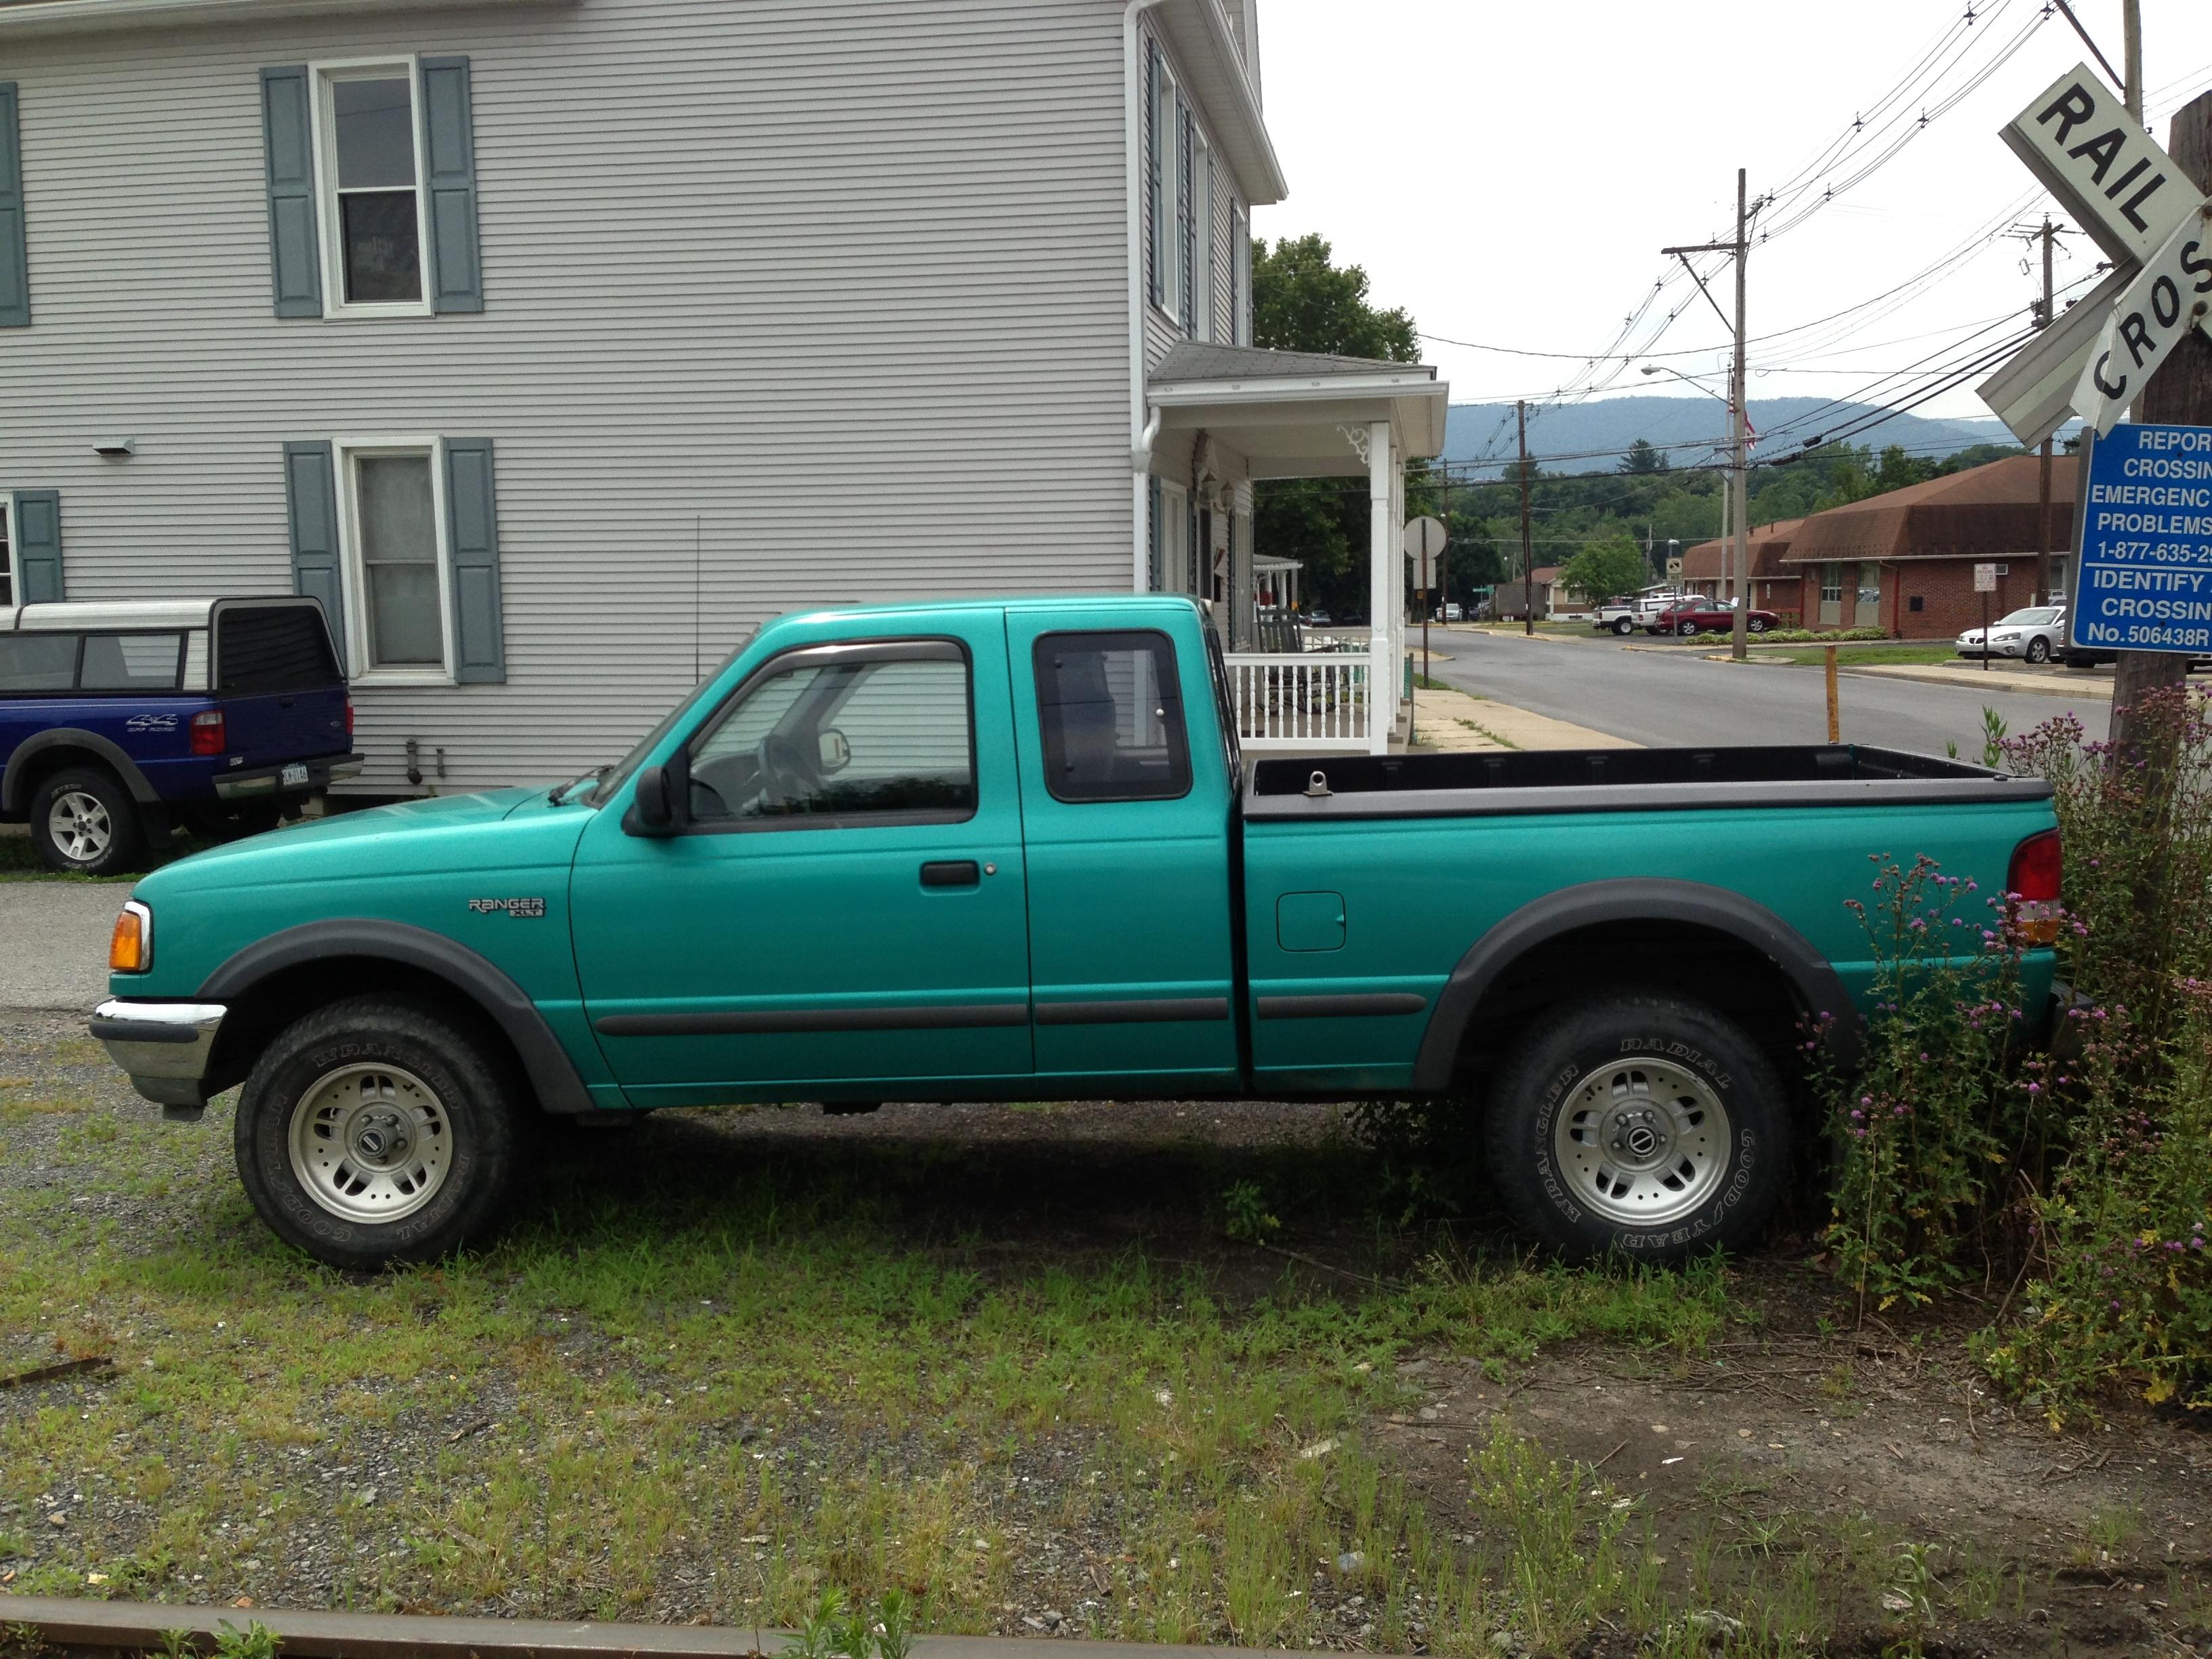 File:1994 Ford Ranger XLT 4x4 extended cab.jpg